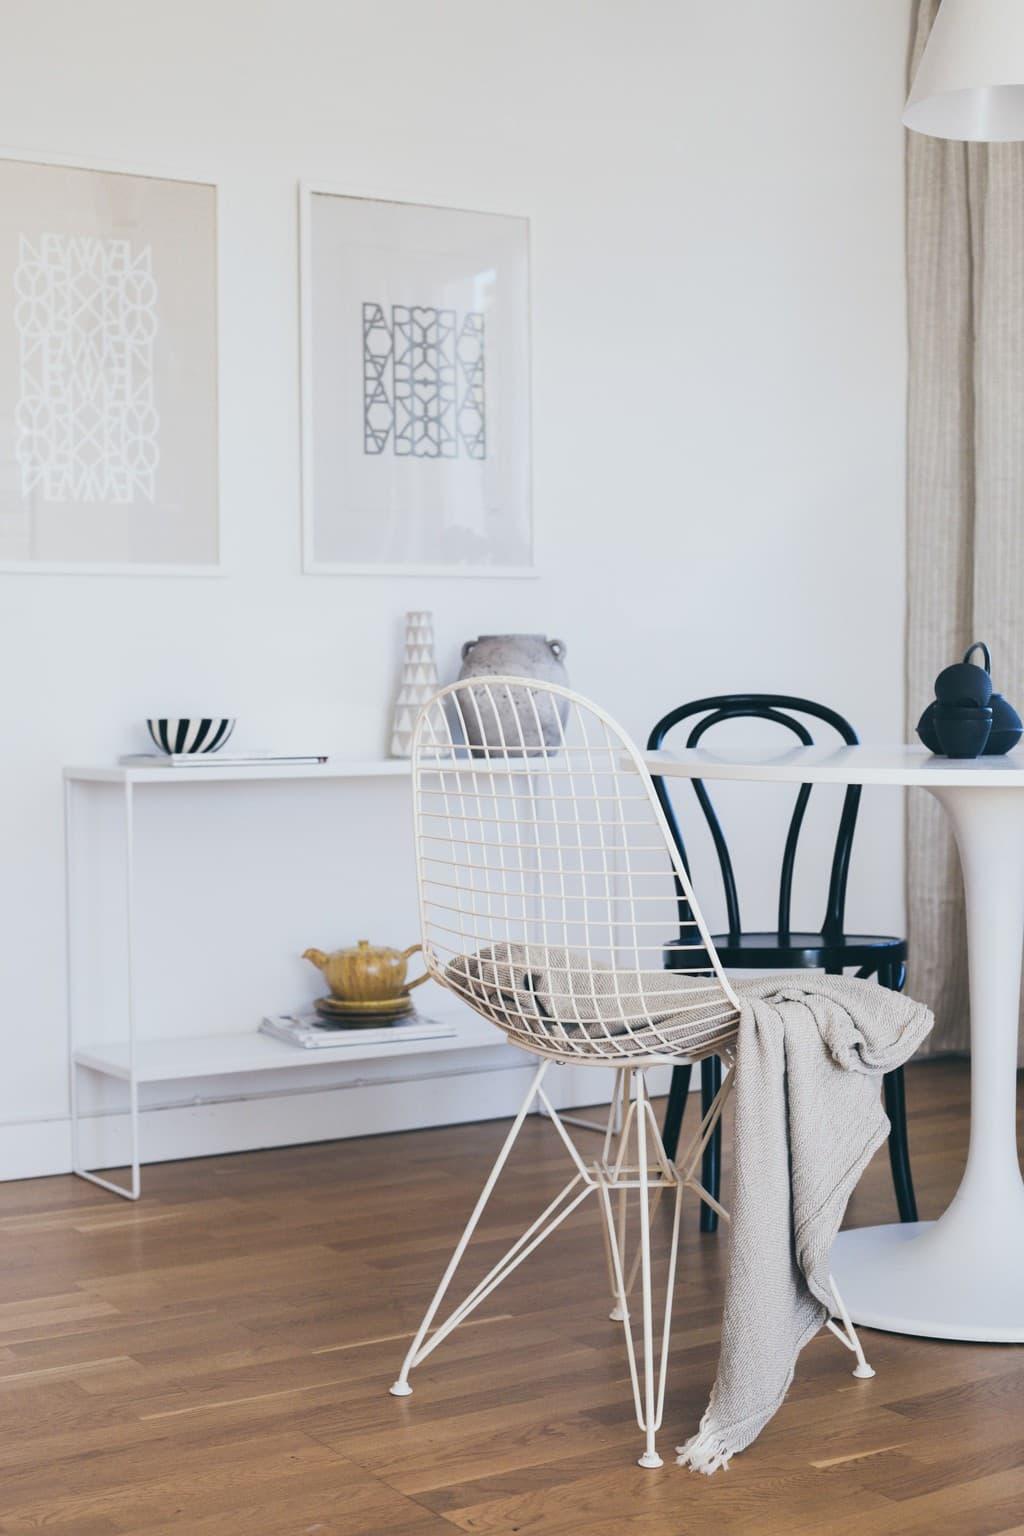 vitt matbord med stolar runt och ett sideboard i bakgrunden